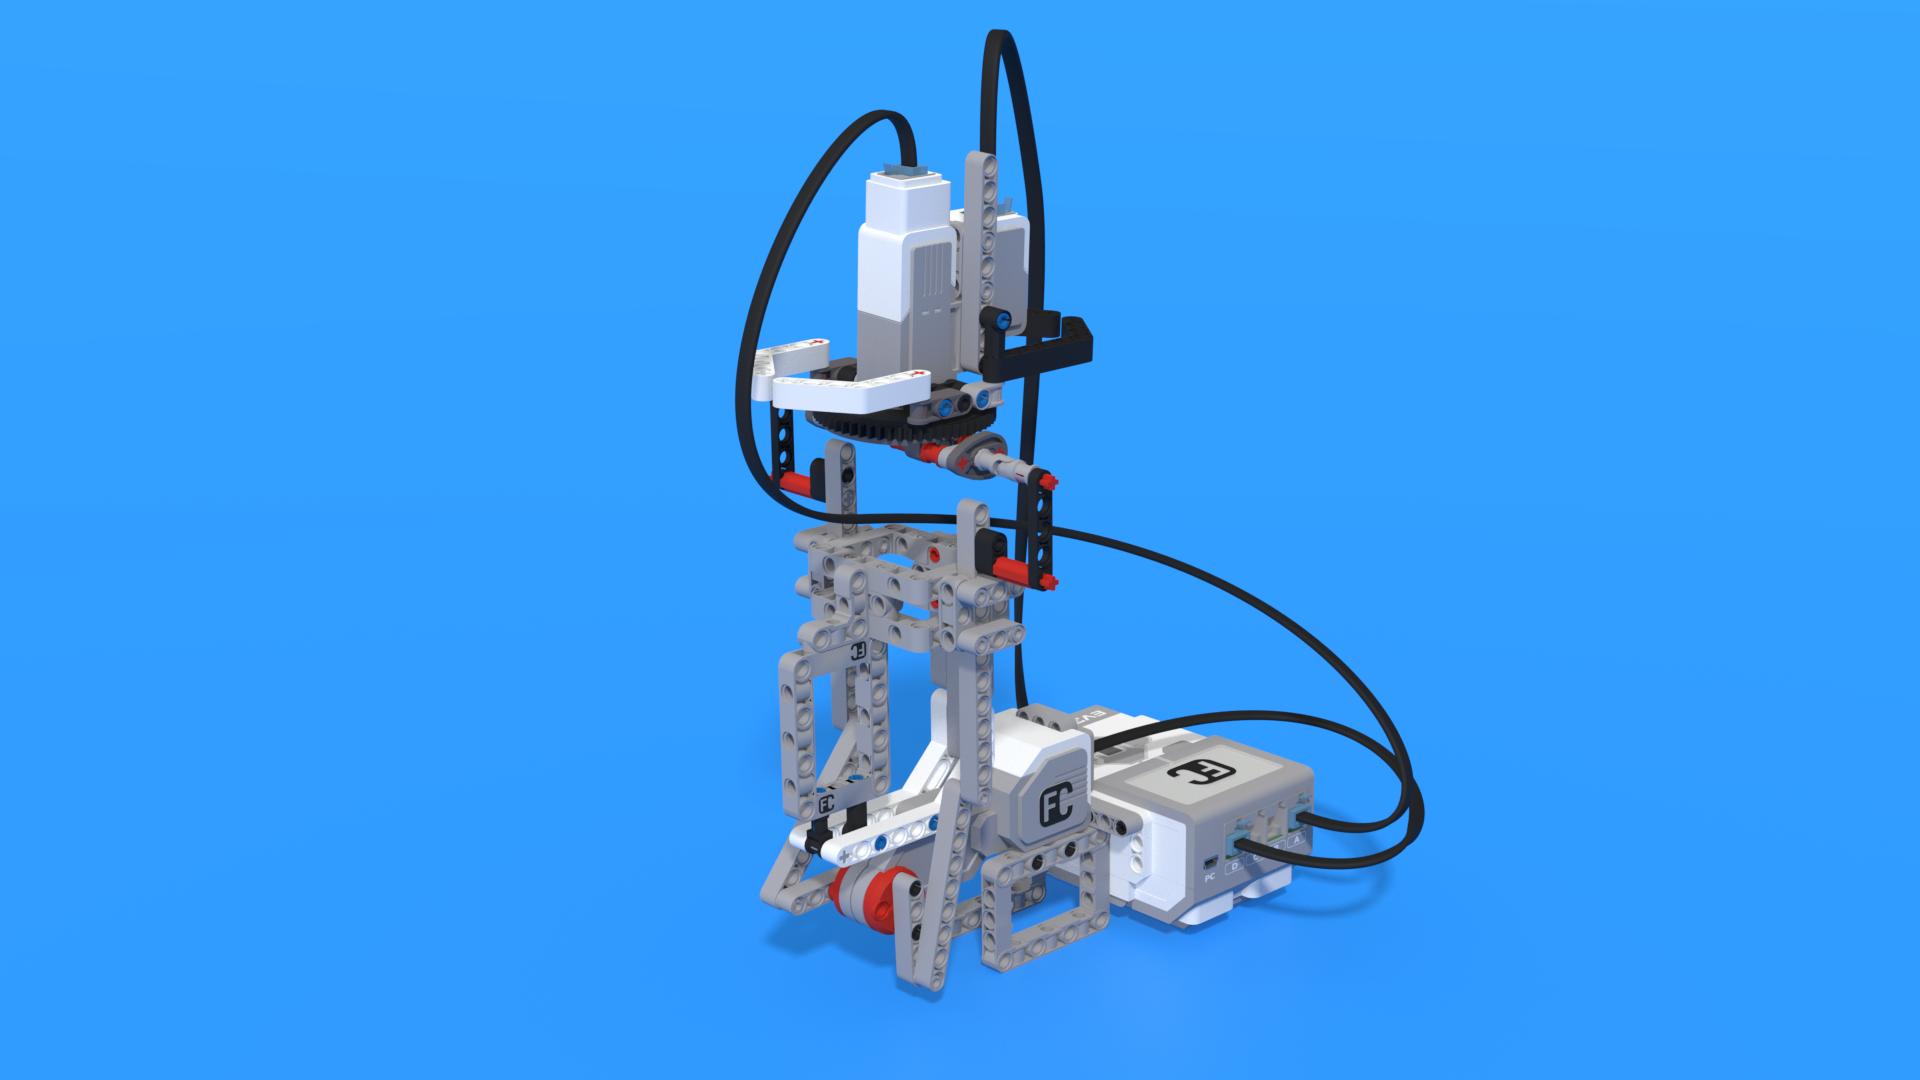 Uylam - LEGO Mindstorms EV3 Steamship simulator robot